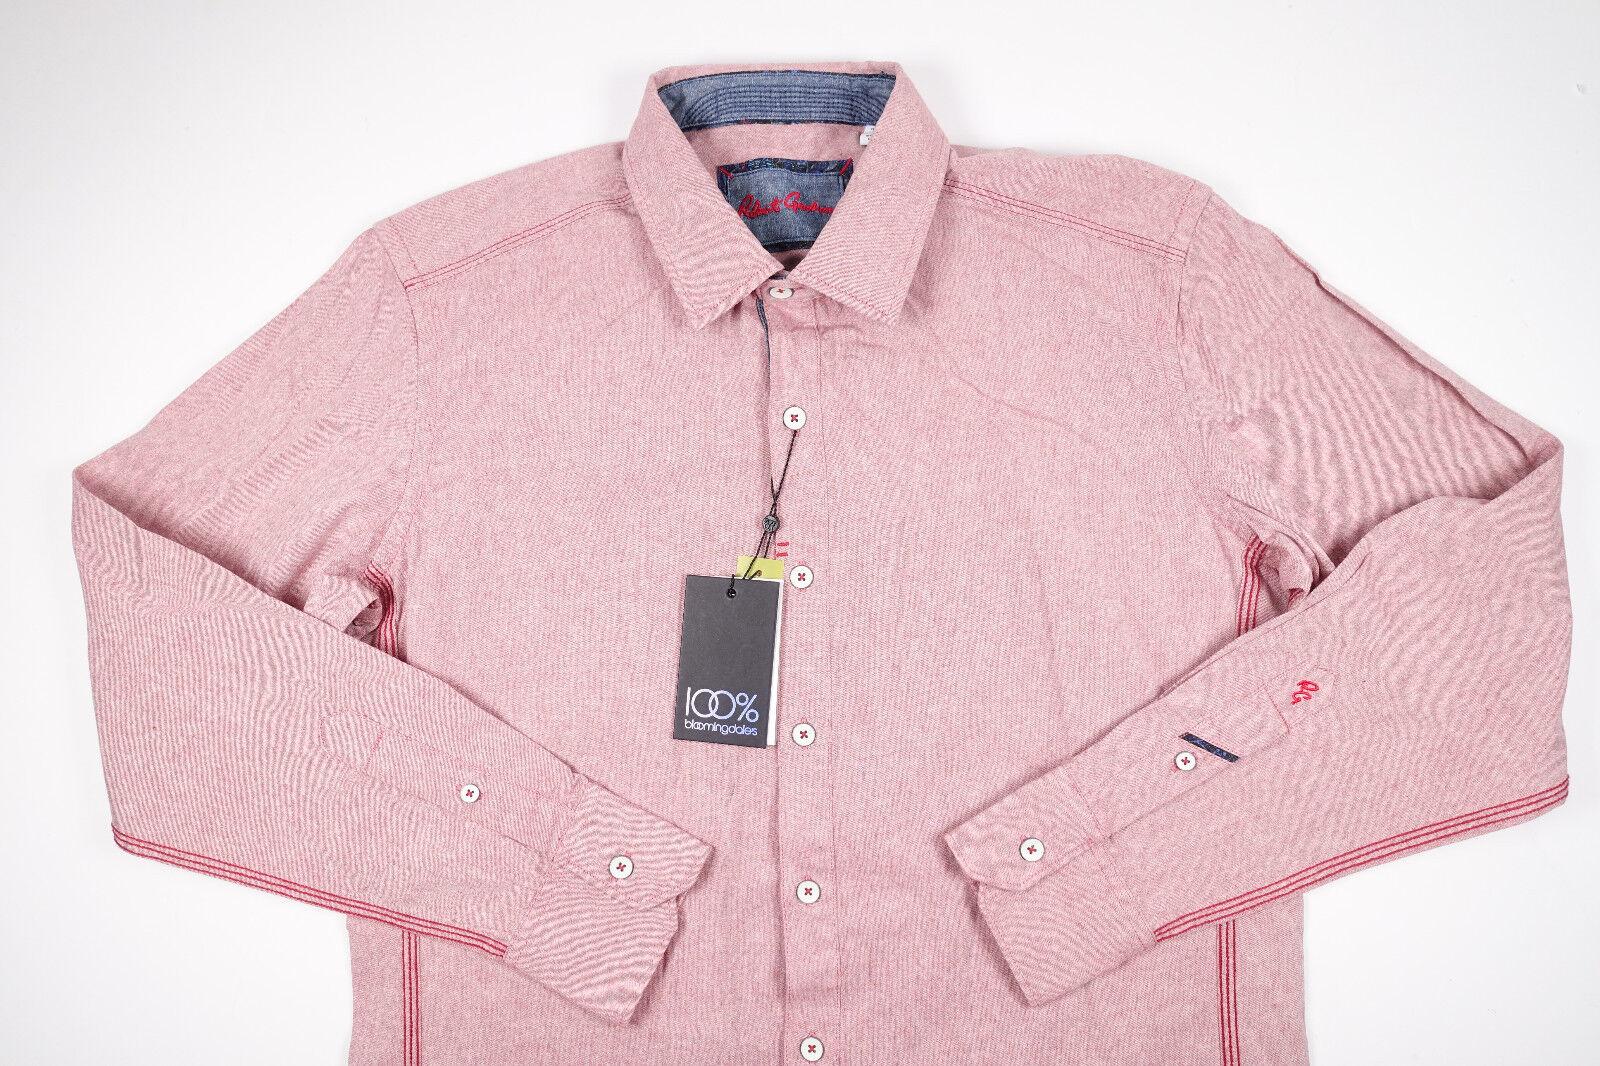 ROBERT GRAHAM Glens Falls Light Red Button Down Long Sleeve Shirt NEW Sm S